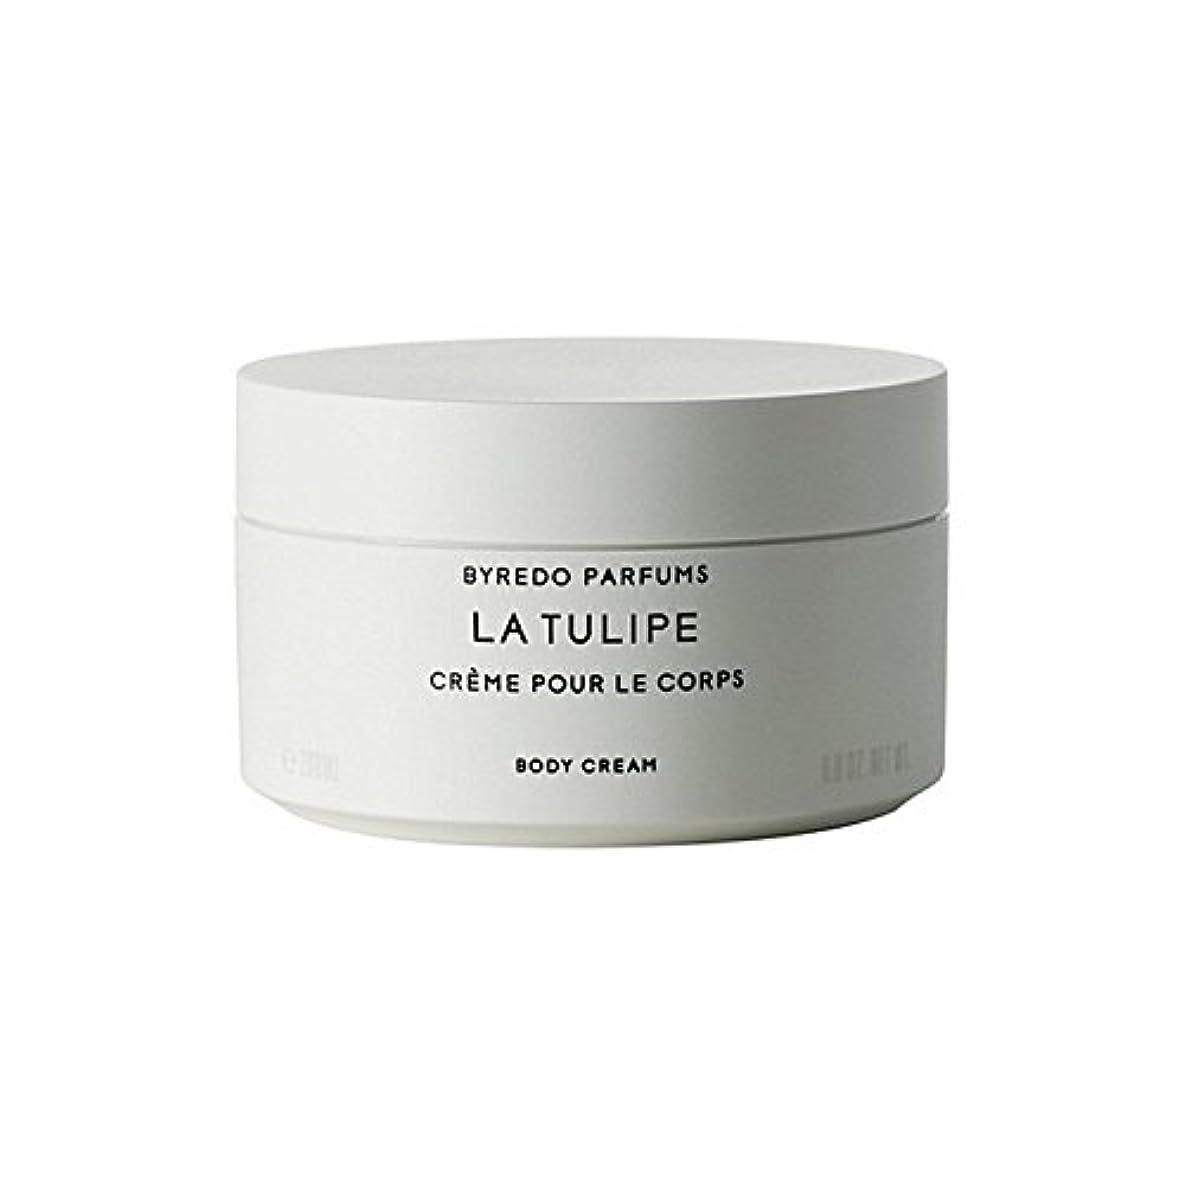 神話壮大なそのByredo La Tulipe Body Cream 200ml - ラチューリップボディクリーム200ミリリットル [並行輸入品]